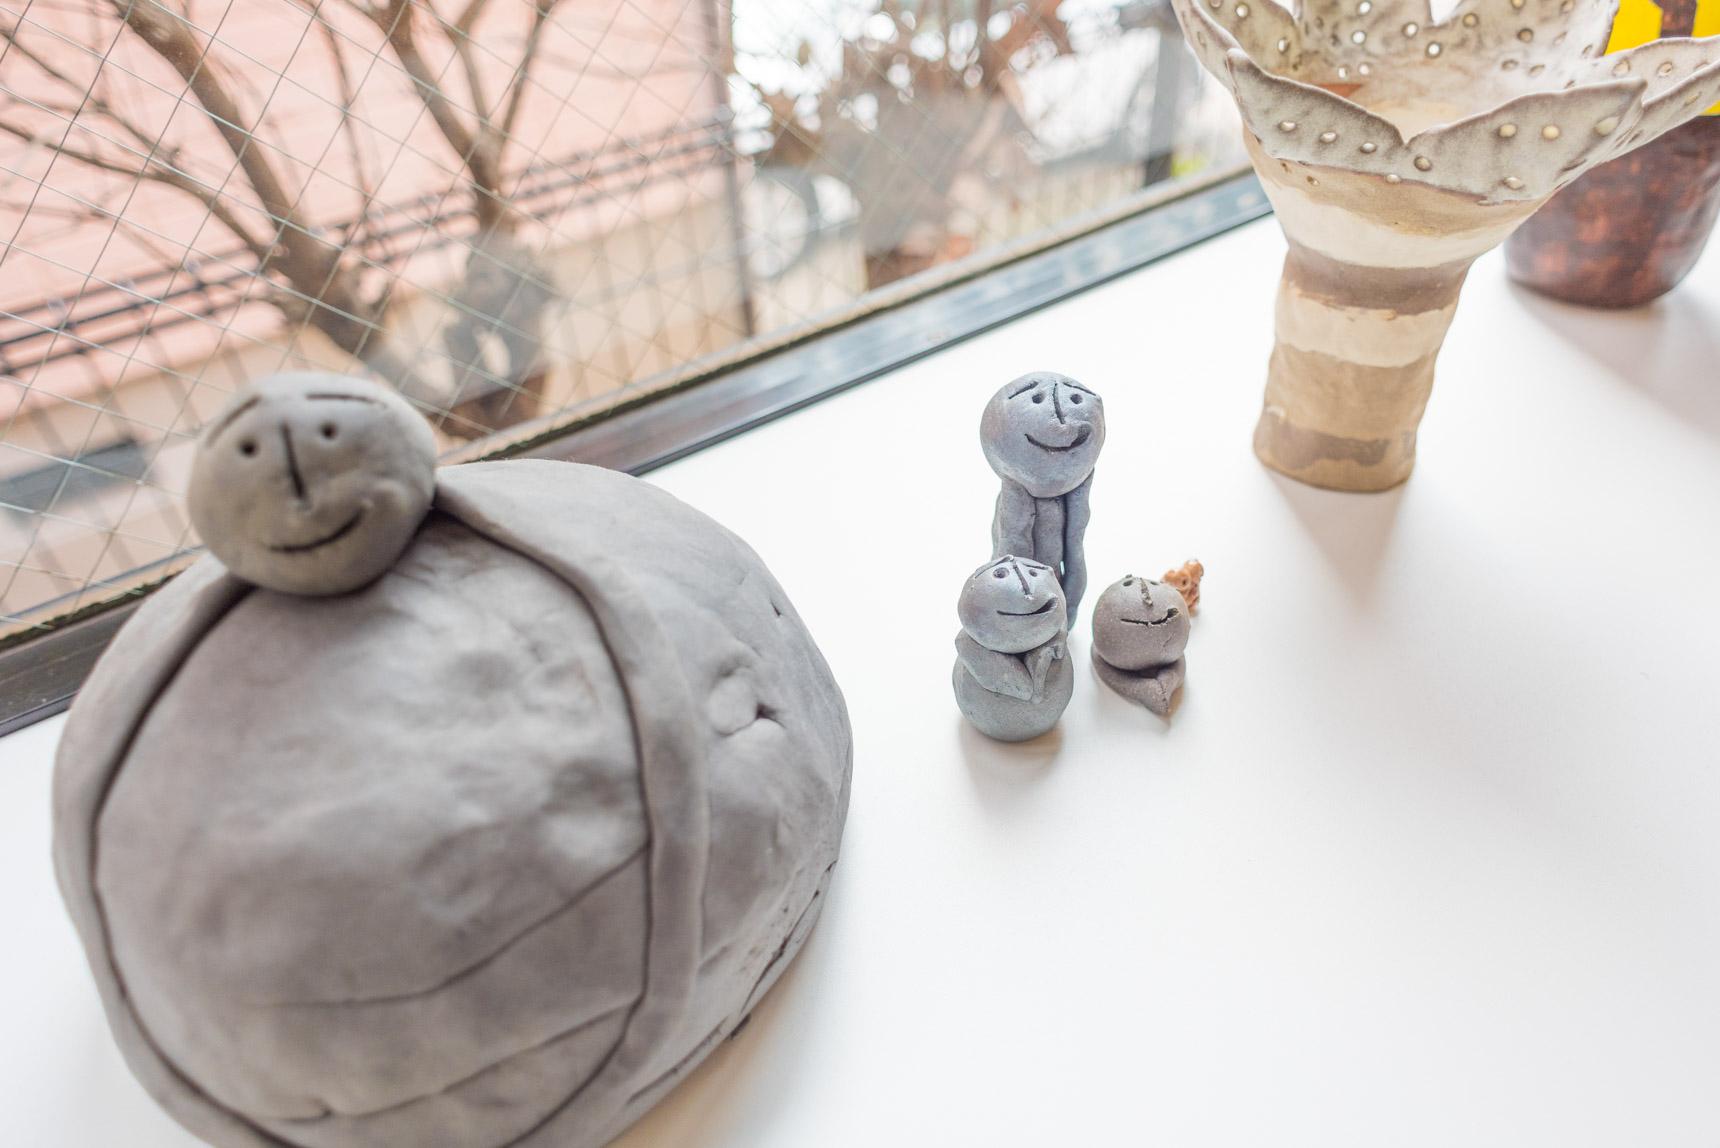 このすごくかわいいオブジェとか….。これらは奥さまのお仕事の関係である、障害のある方が作ったアート作品なのだ。